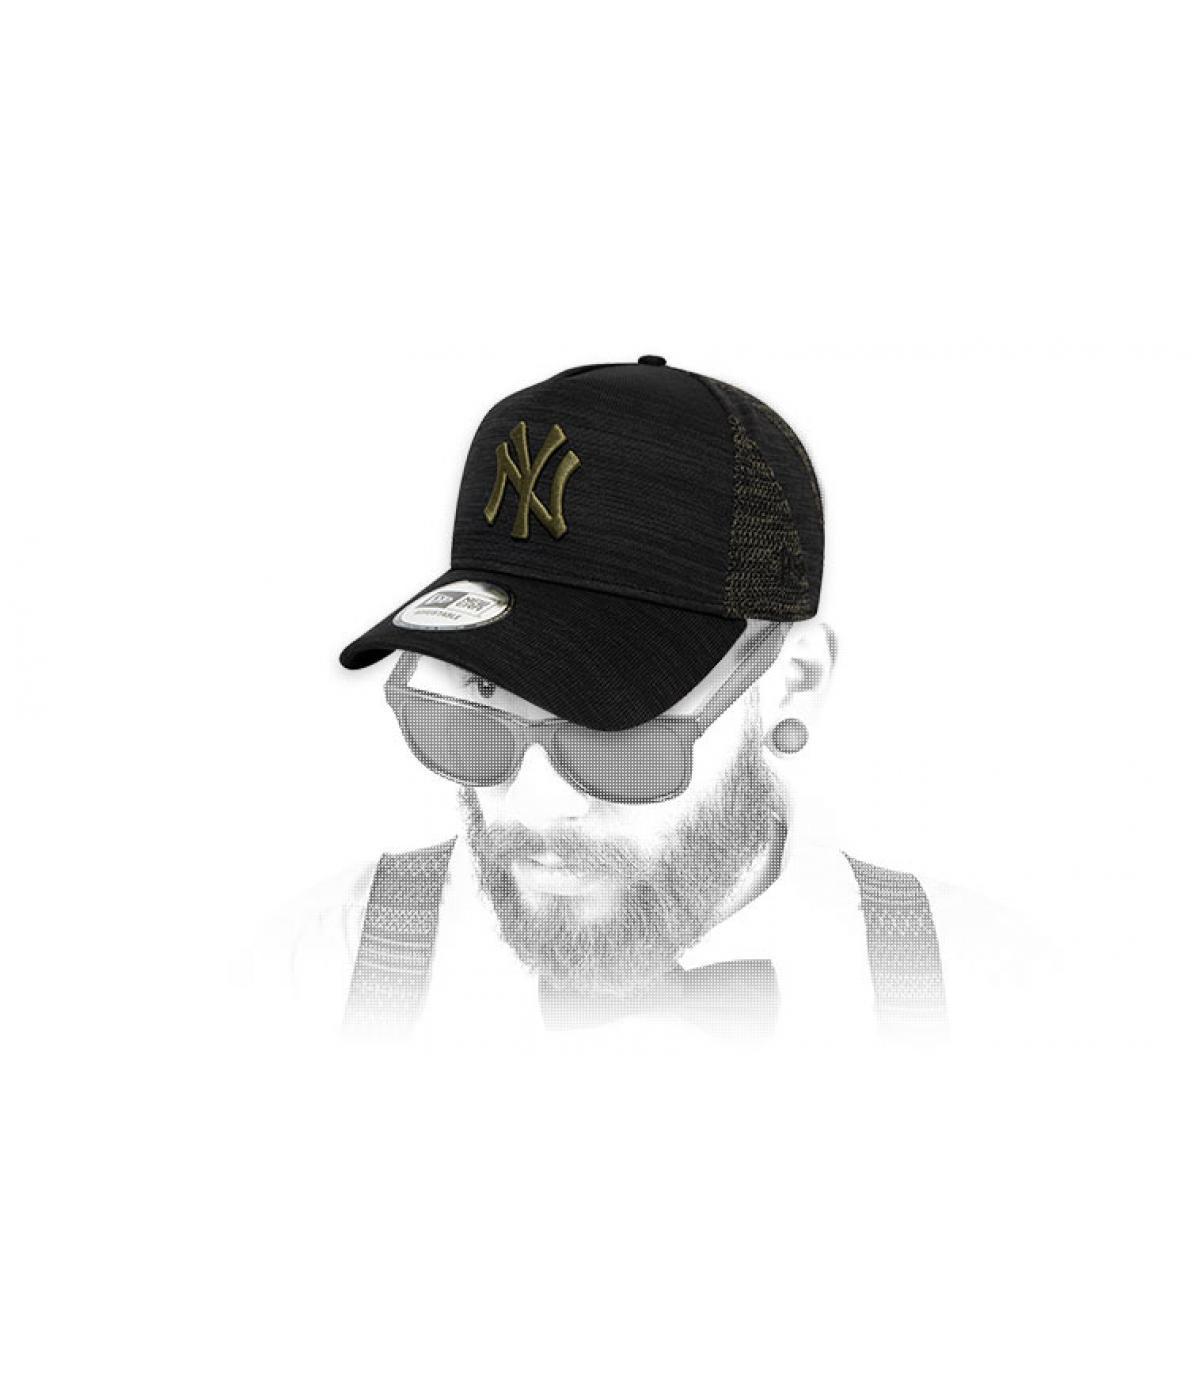 cappellino NY nero verde